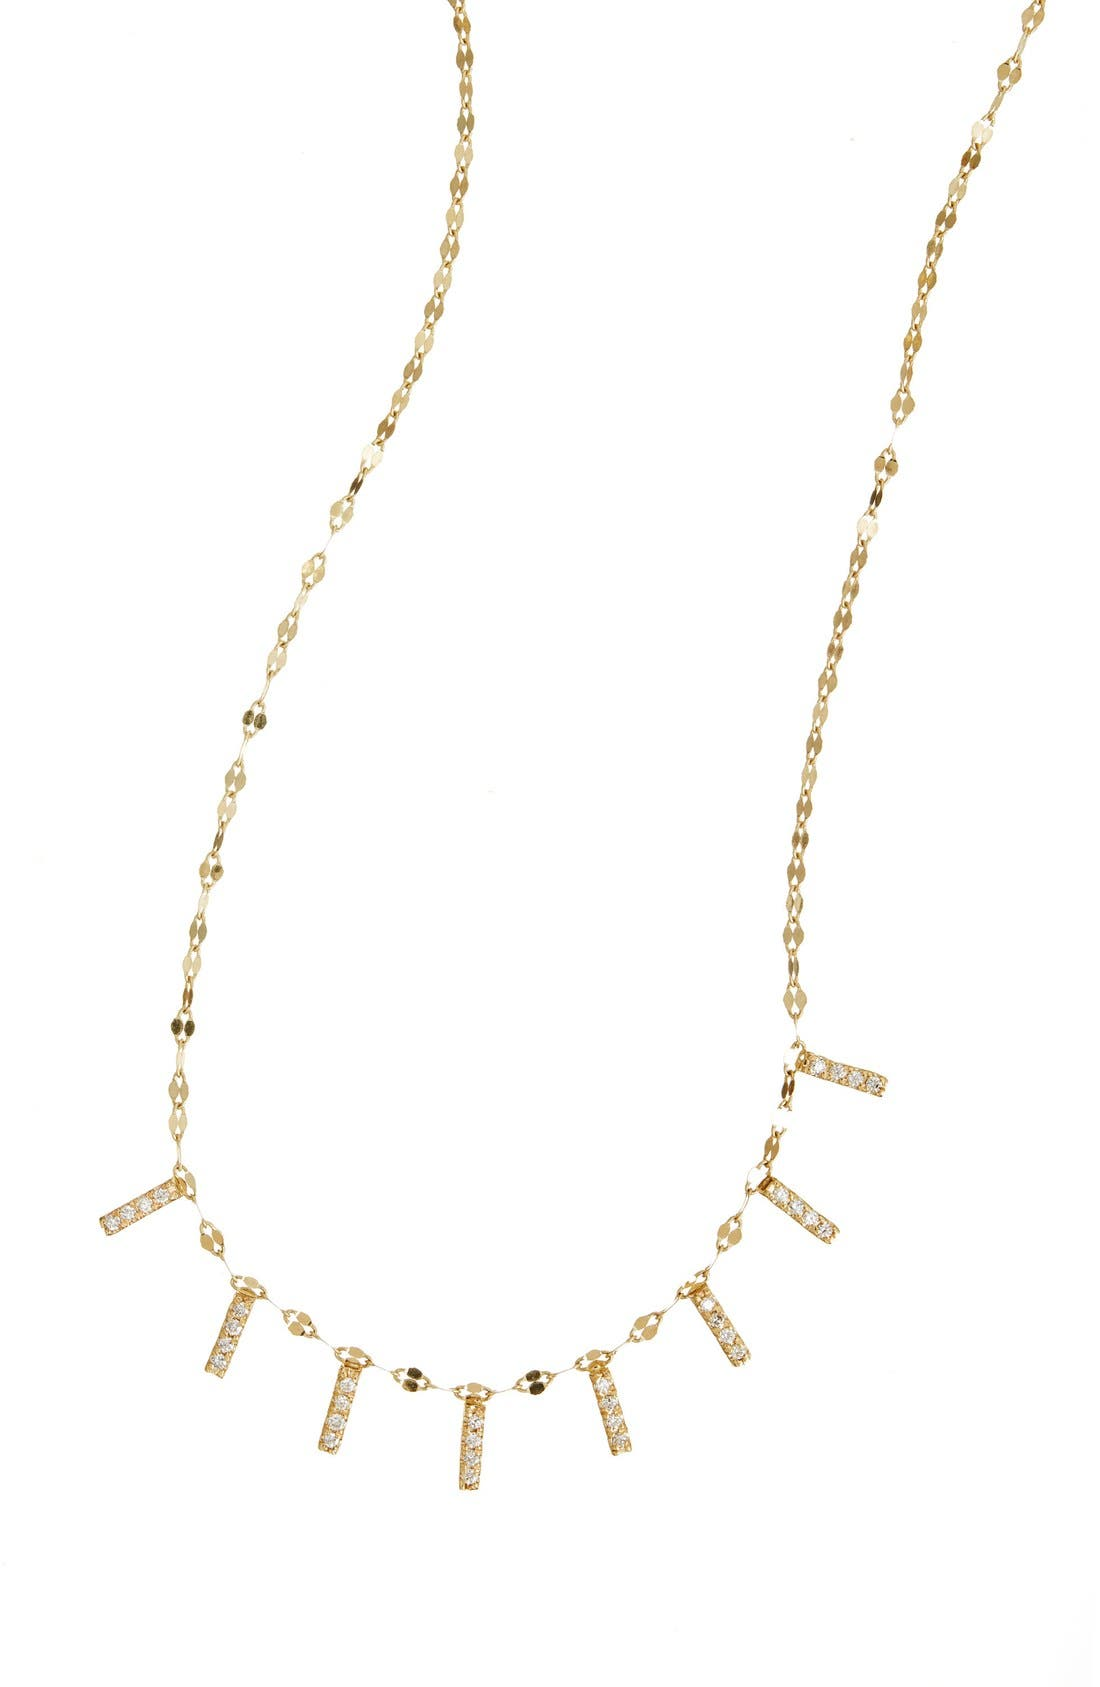 Lana Jewelry 'Flawless' Mini Bar Collar Necklace